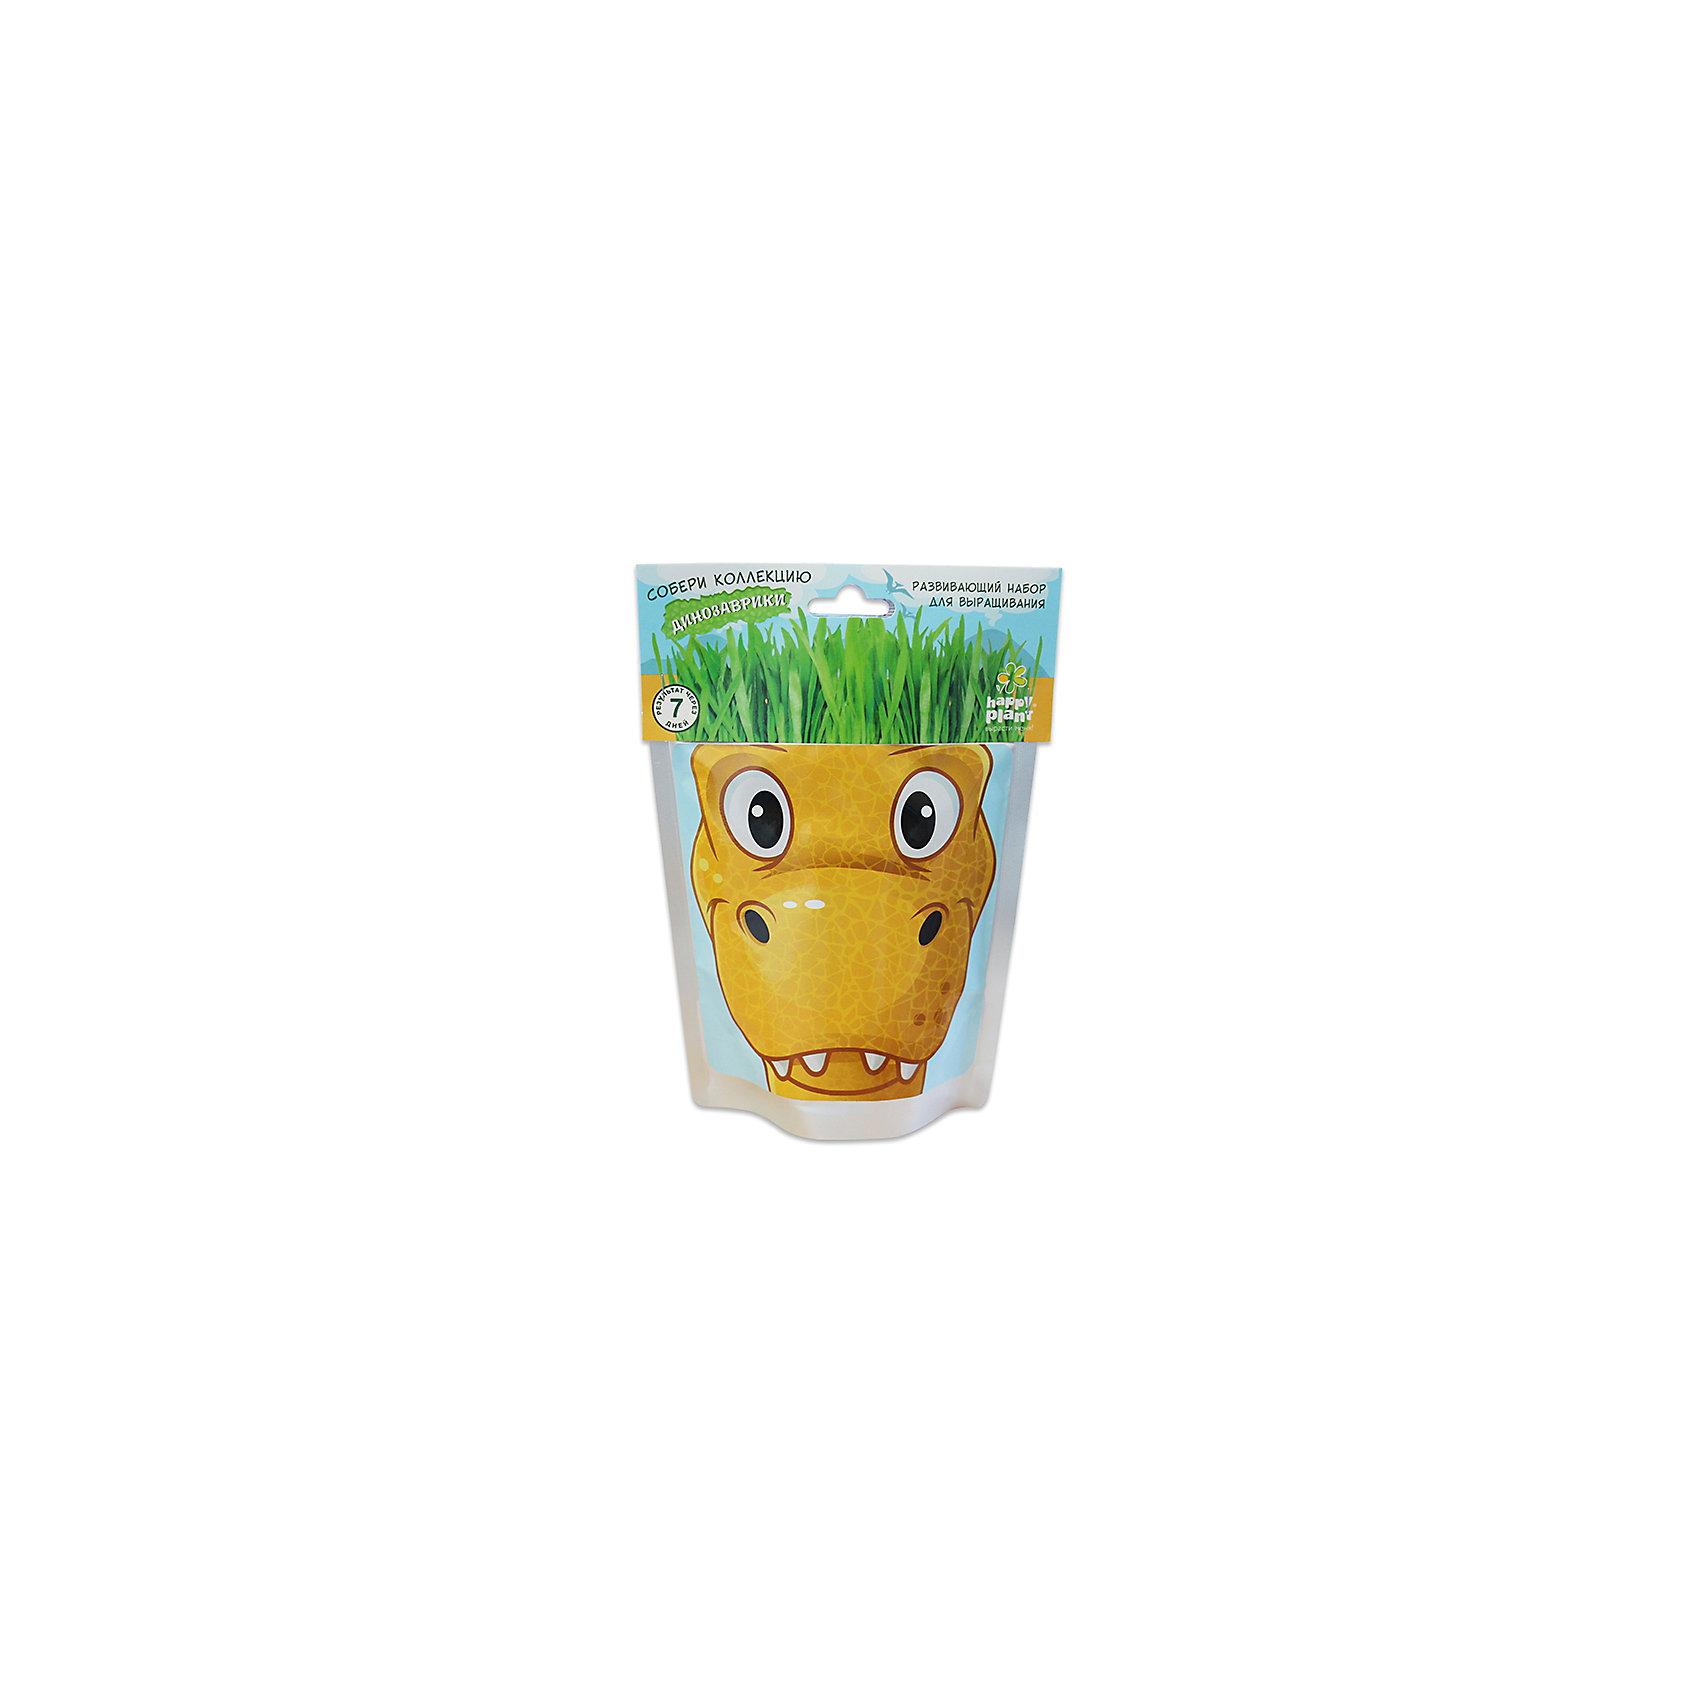 Набор для выращивания Динозаврики - Рекси Happy PlantHappy Plant Динозаврик Рекси.<br><br>Характеристики:<br><br>• научит ребенка выращивать растения и ухаживать за ними<br>• развивает фантазию <br>• яркий оригинальный дизайн<br>• качественные семена<br>• в комплекте: пакет-горшочек, органический субстрат для посадки, семена, лопатка, инструкция<br>• размер: 18х13 см<br>• объем: 500 мл<br>• Вес: 230 грамм<br><br>Веселый динозаврик Рекси научит ребенка выращивать растения и ухаживать за ними. Волосы-травка получается очень густая. Благодаря этому вы сможете подстригать динозаврика и делать ему различные прически. Прекрасный подарок юным садоводам!<br><br>Happy Plant Динозаврик Рекси, Вы можете купить в нашем интернет-магазине.<br><br>Ширина мм: 180<br>Глубина мм: 130<br>Высота мм: 80<br>Вес г: 230<br>Возраст от месяцев: 168<br>Возраст до месяцев: 240<br>Пол: Унисекс<br>Возраст: Детский<br>SKU: 5053999